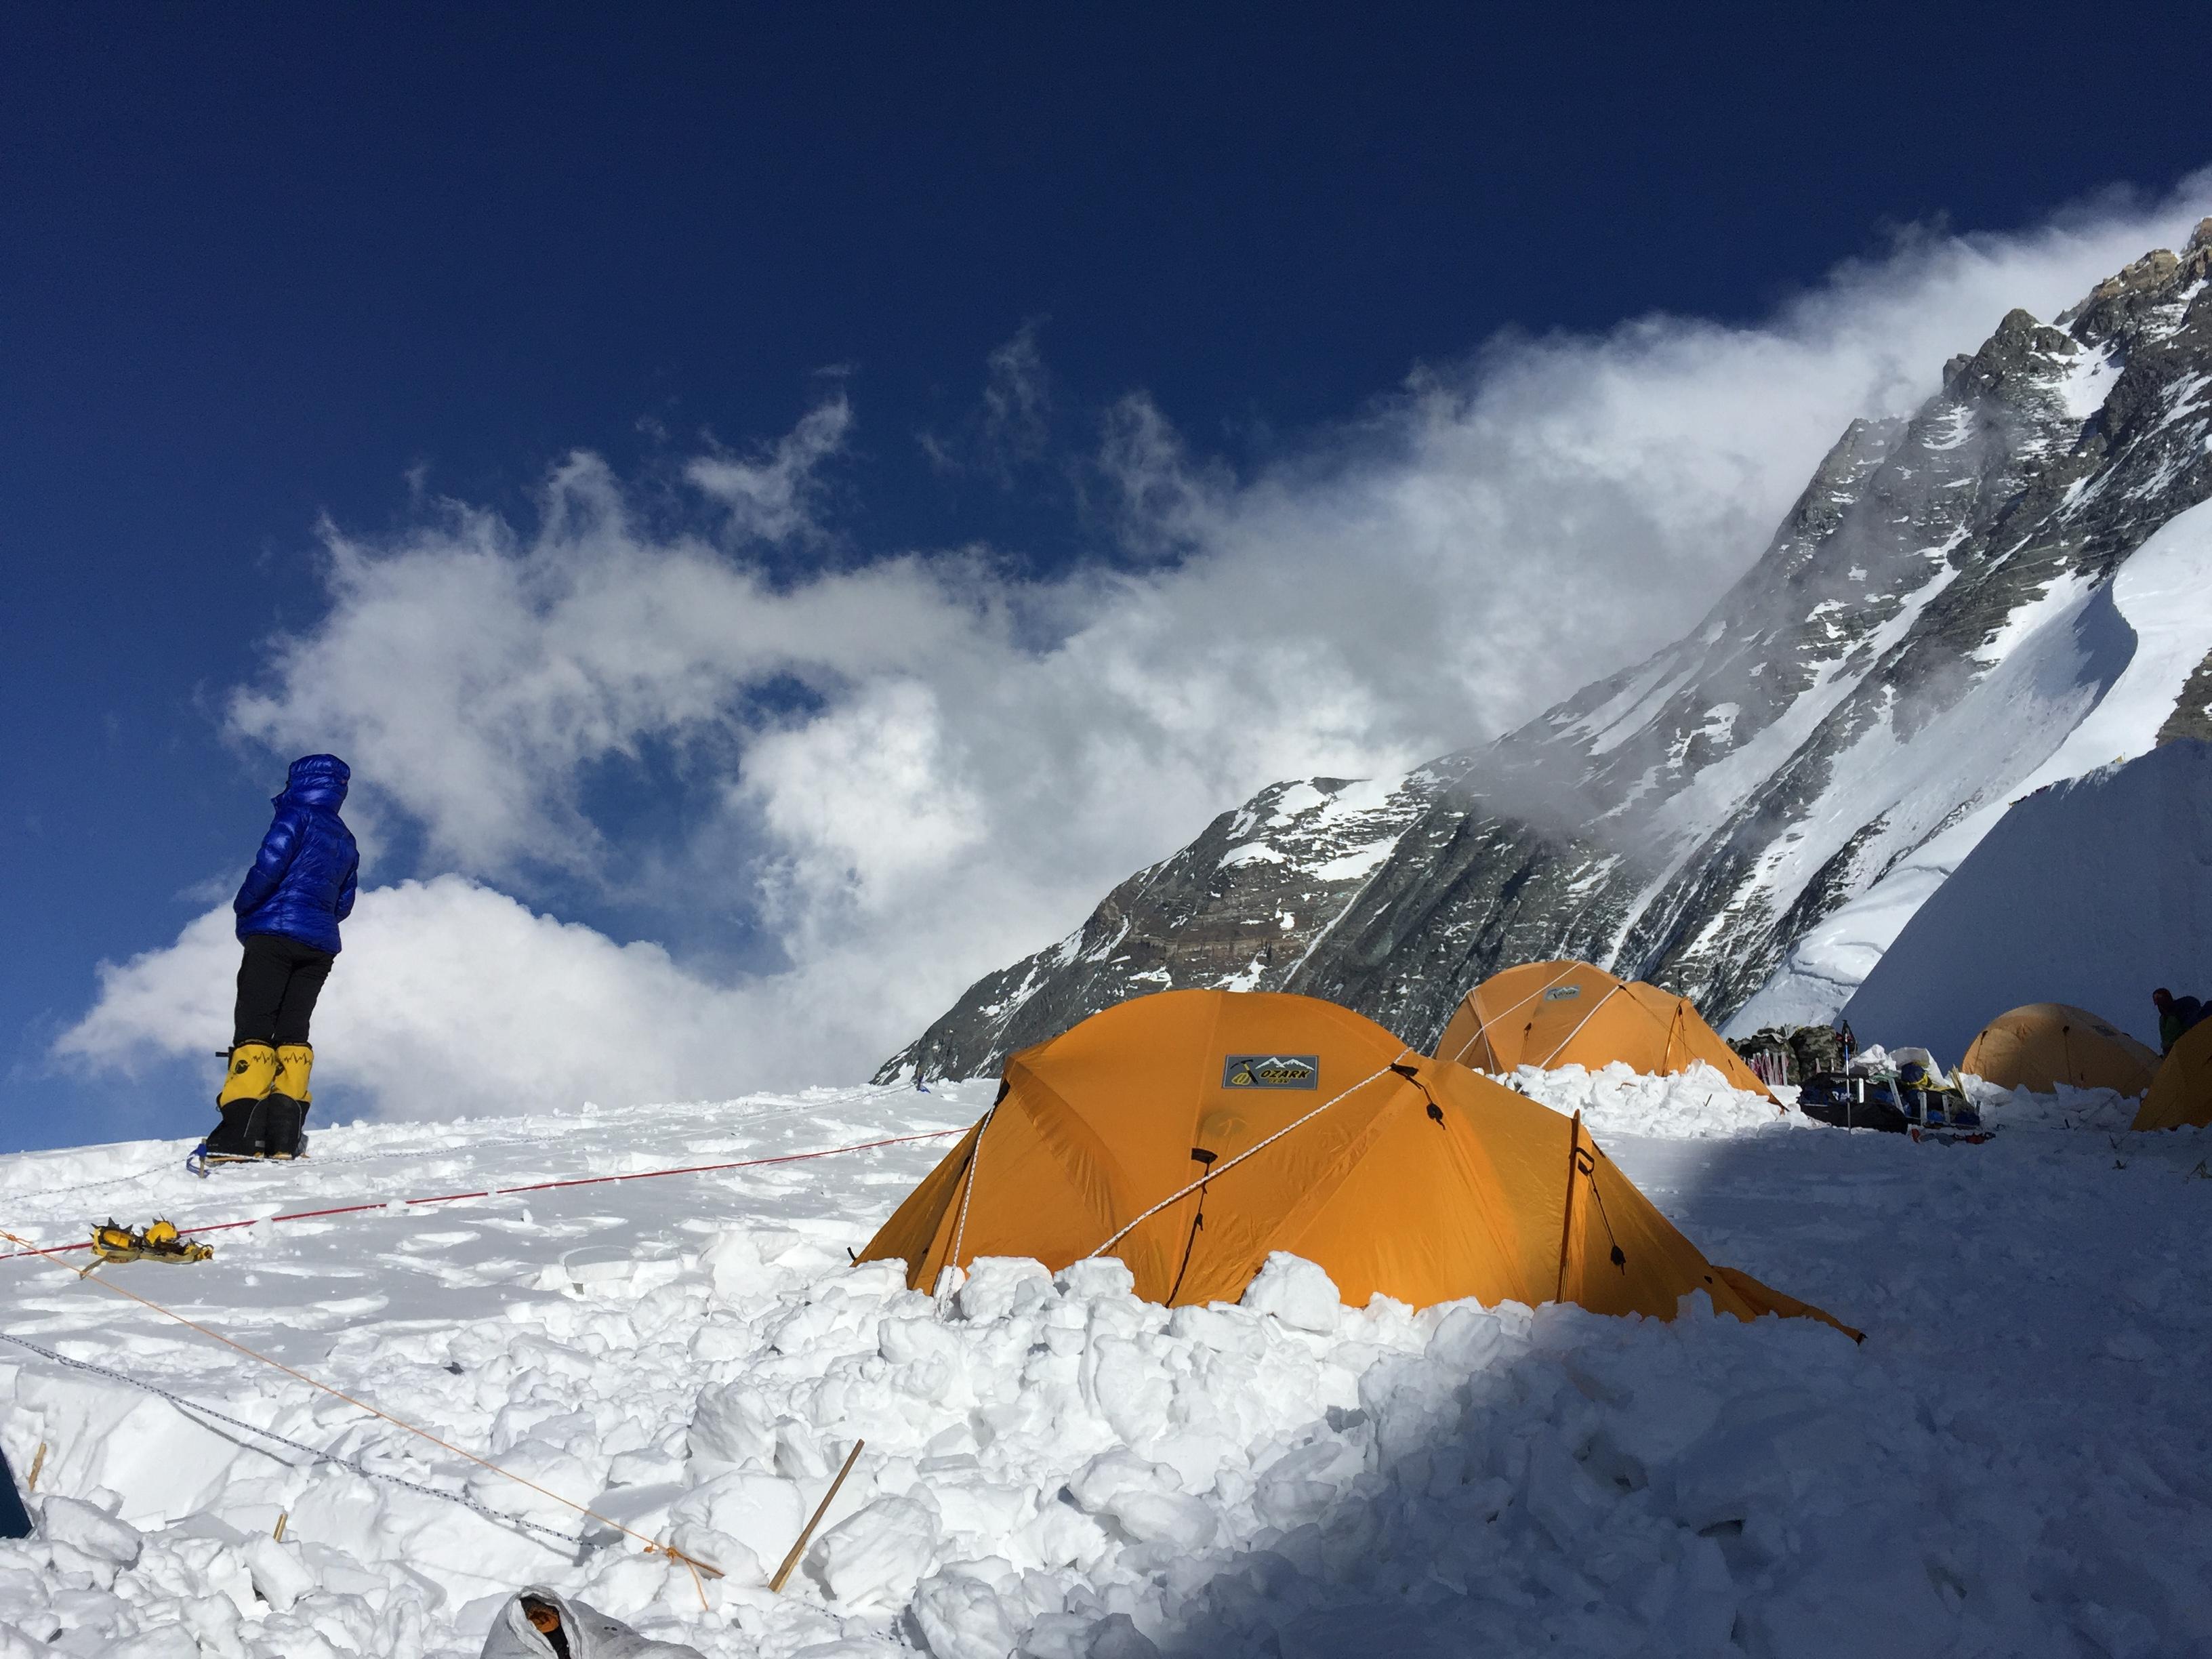 Rosier Alexandre tem o desafio de subir o topo mais alto do mundo (FOTO: Divulgação)